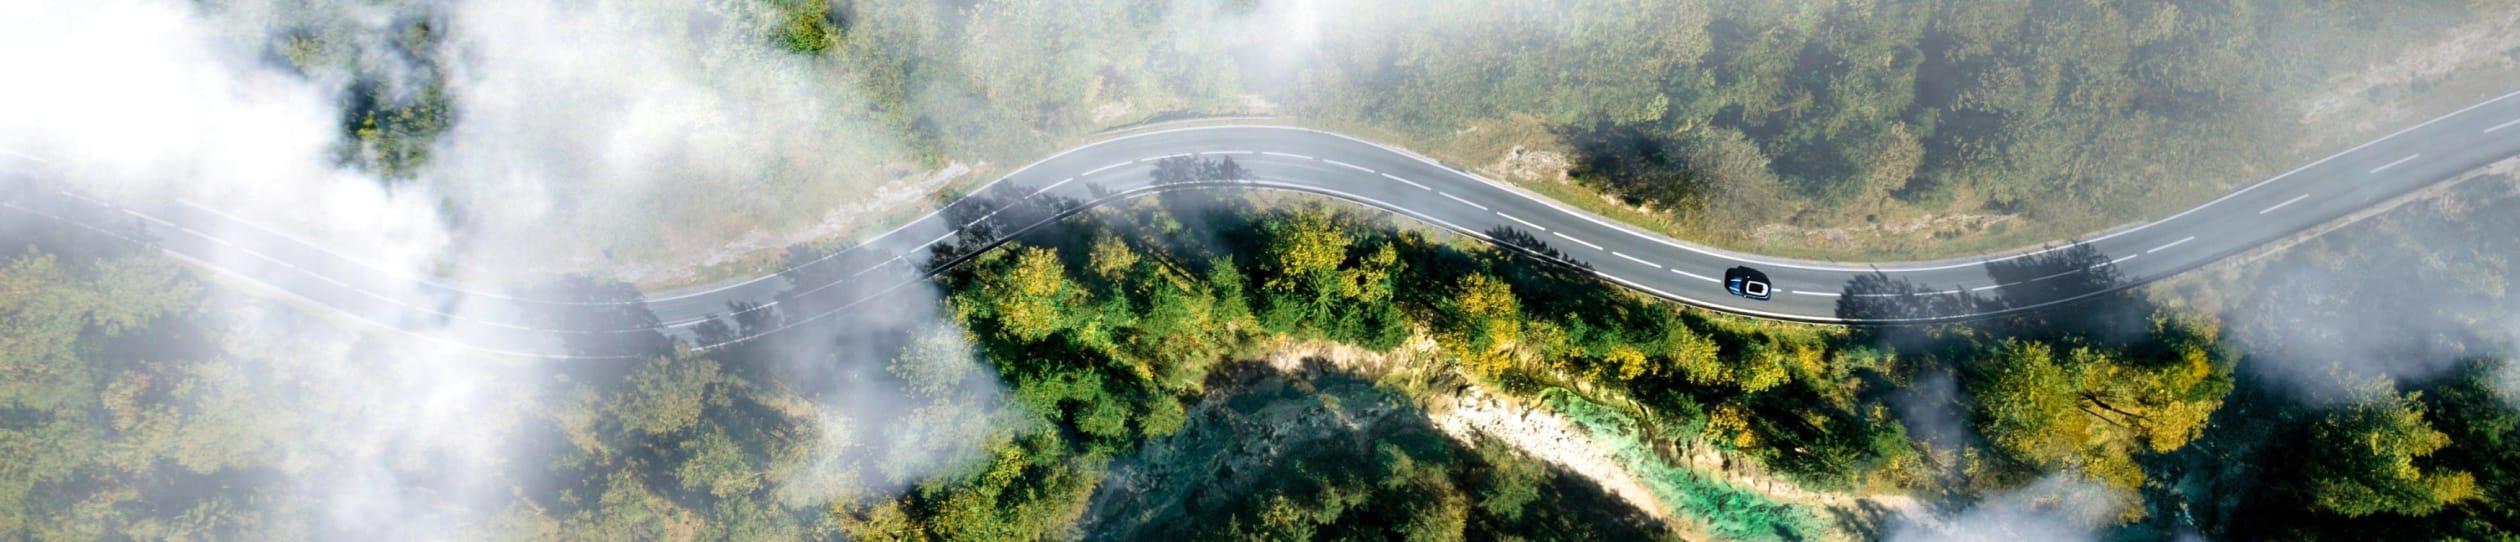 Ein Auto auf einer Straße die durch einen Wald führt